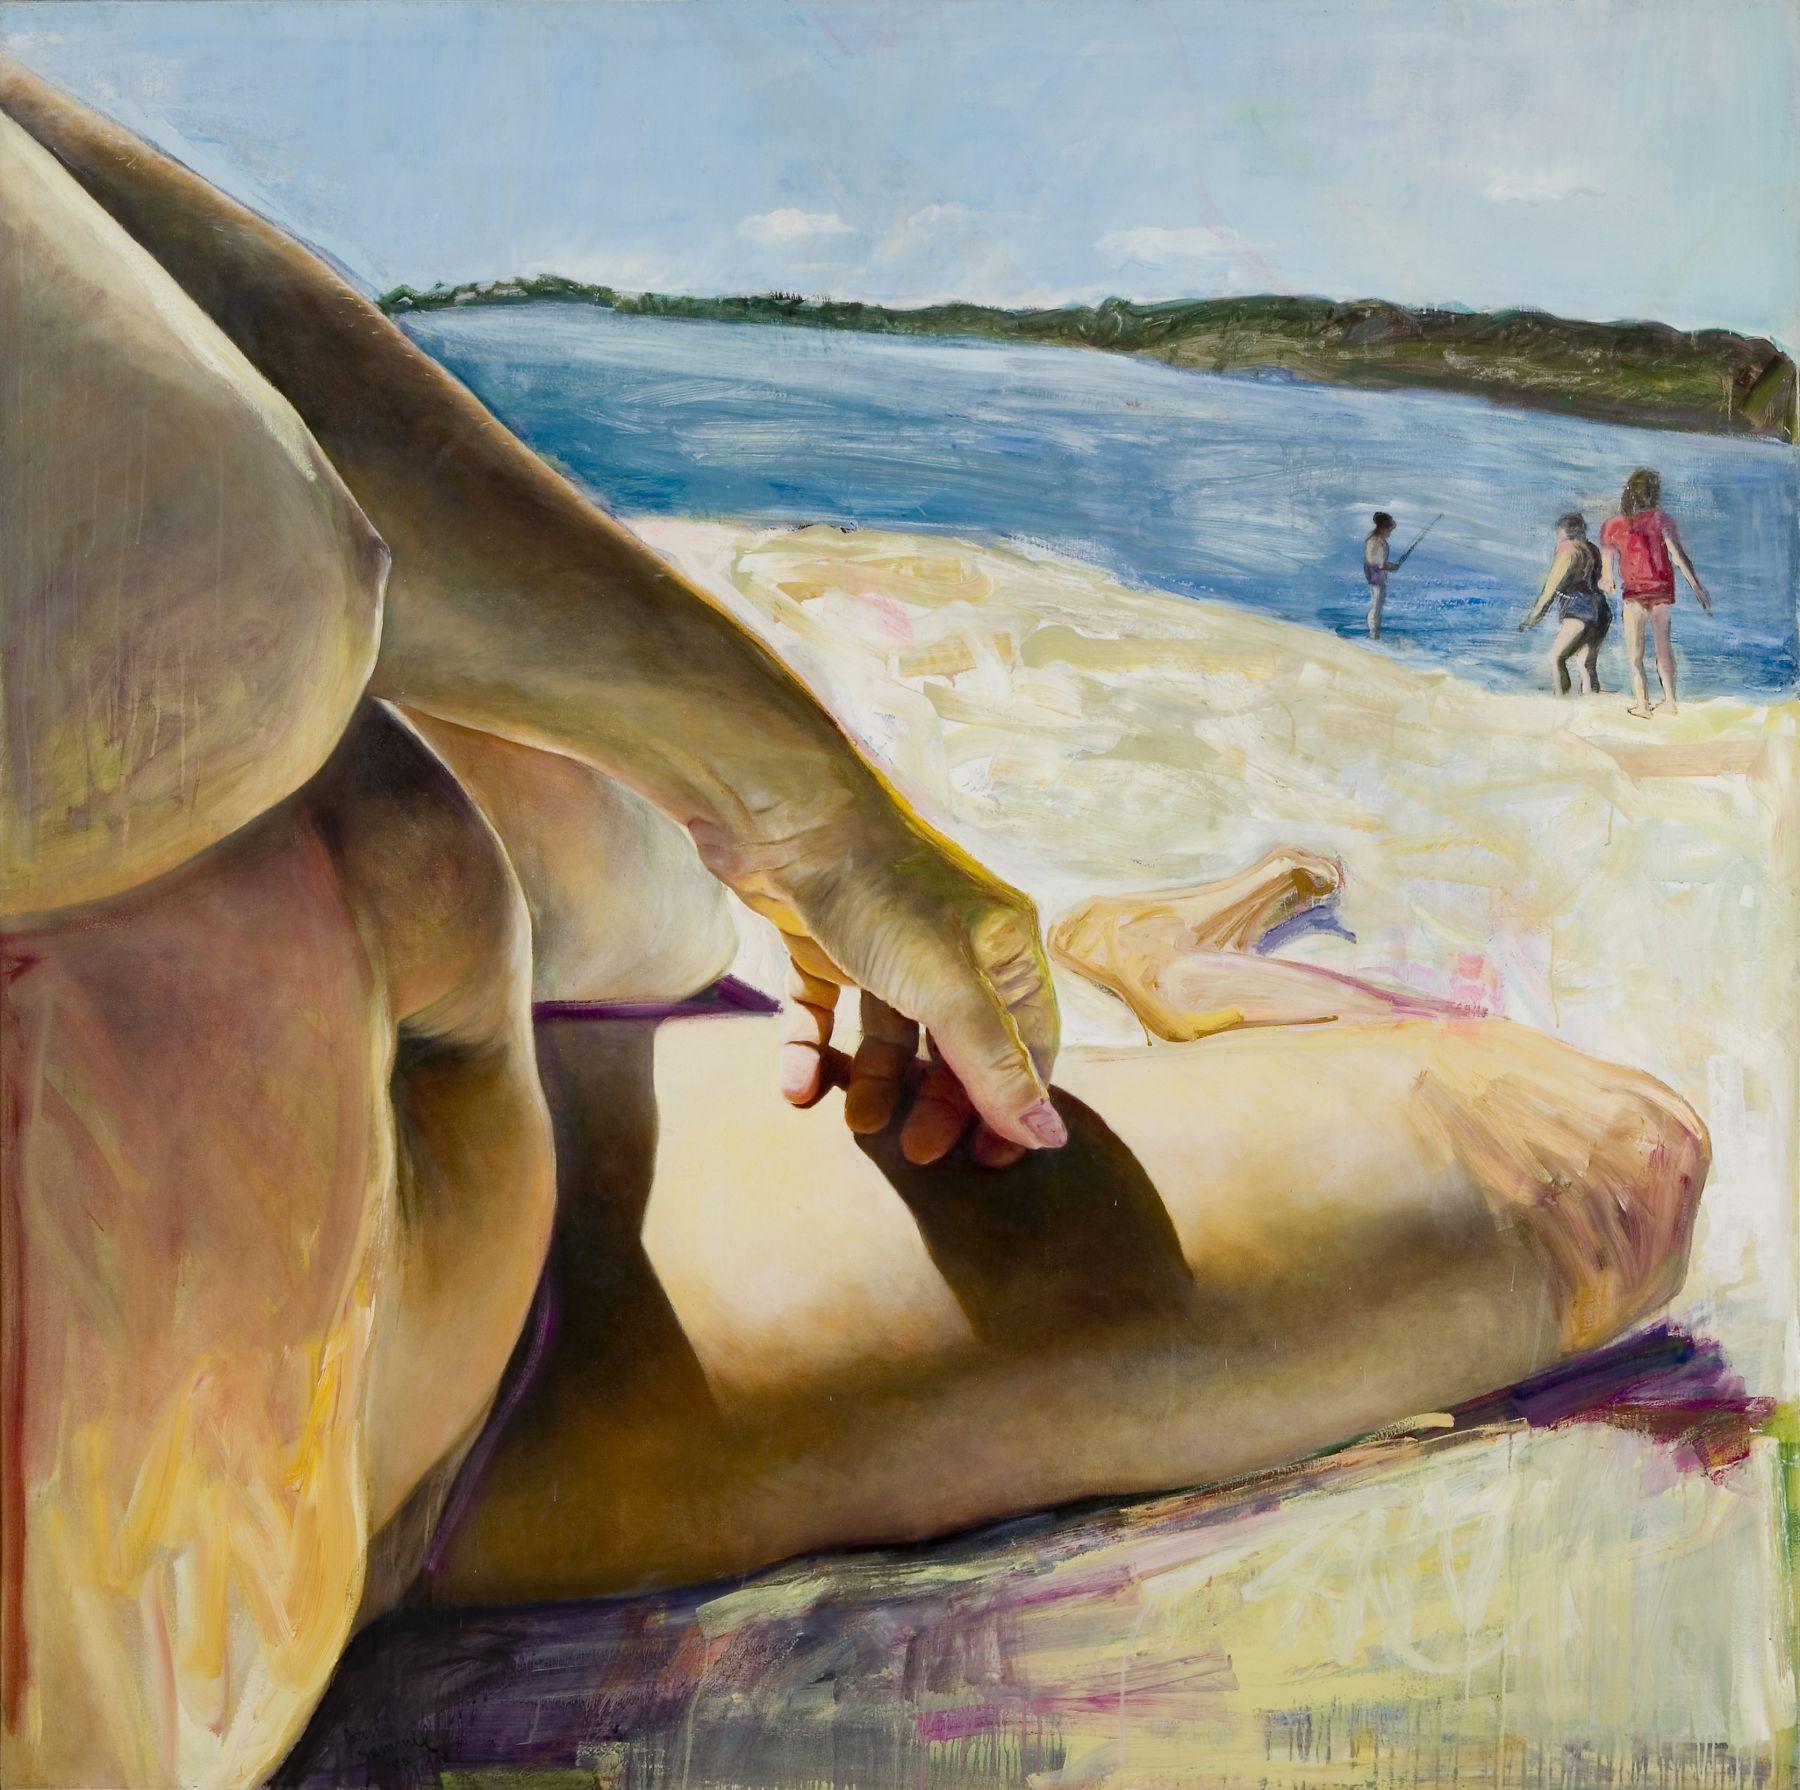 Beachbody (1985) Oil on canvas